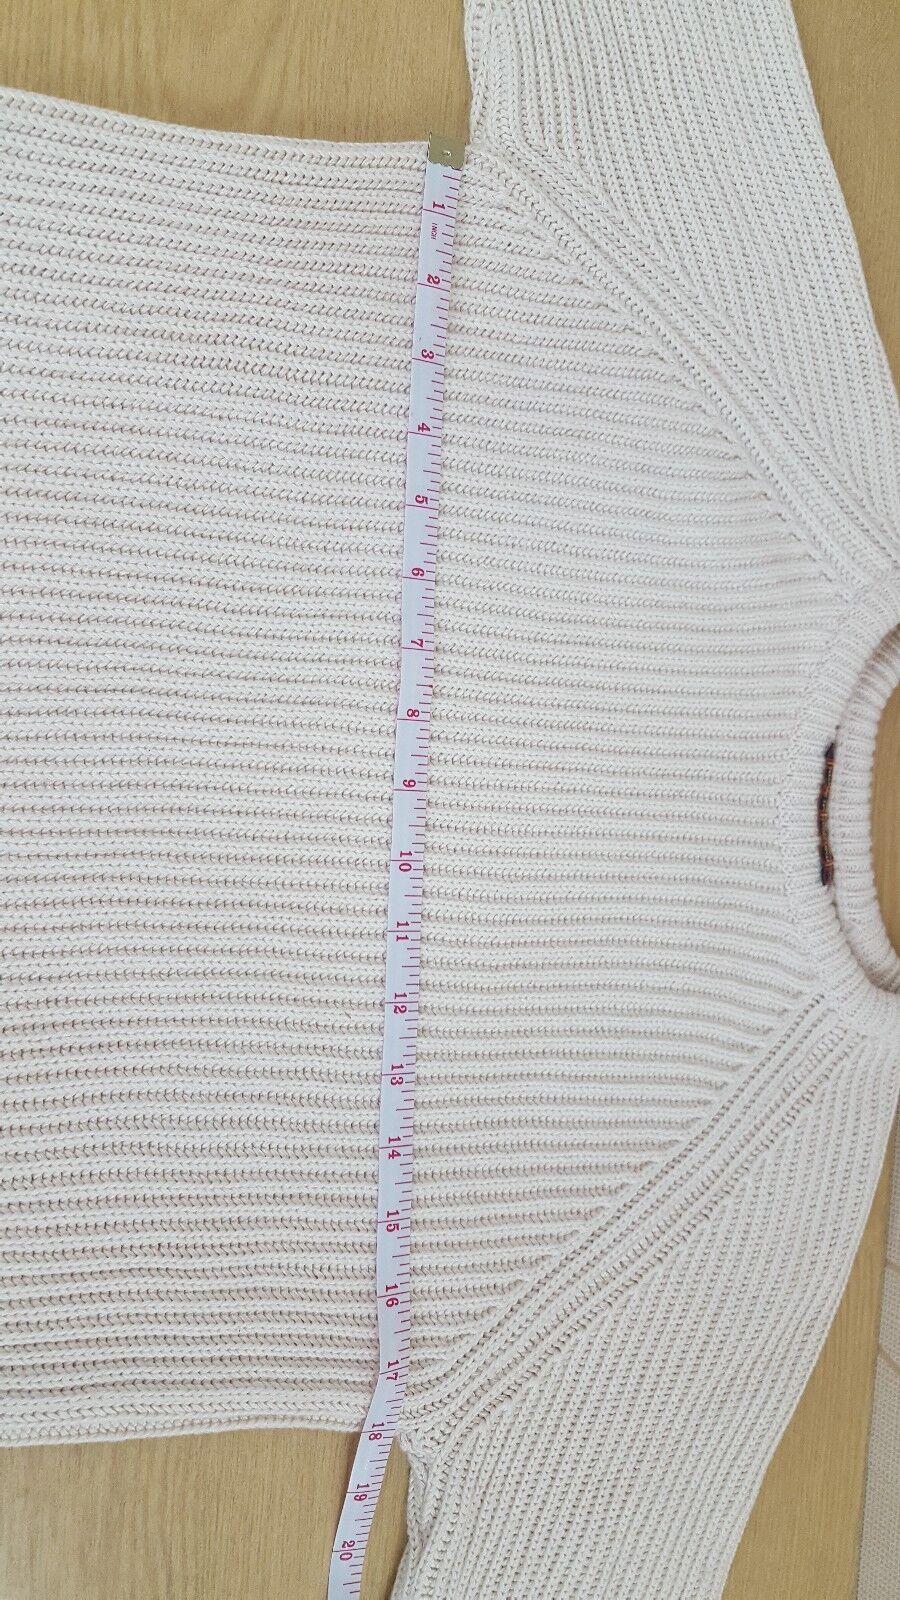 Maglione da Uomo Donna Unisex ECRU Maglione Maglione Maglione fisherknit 36